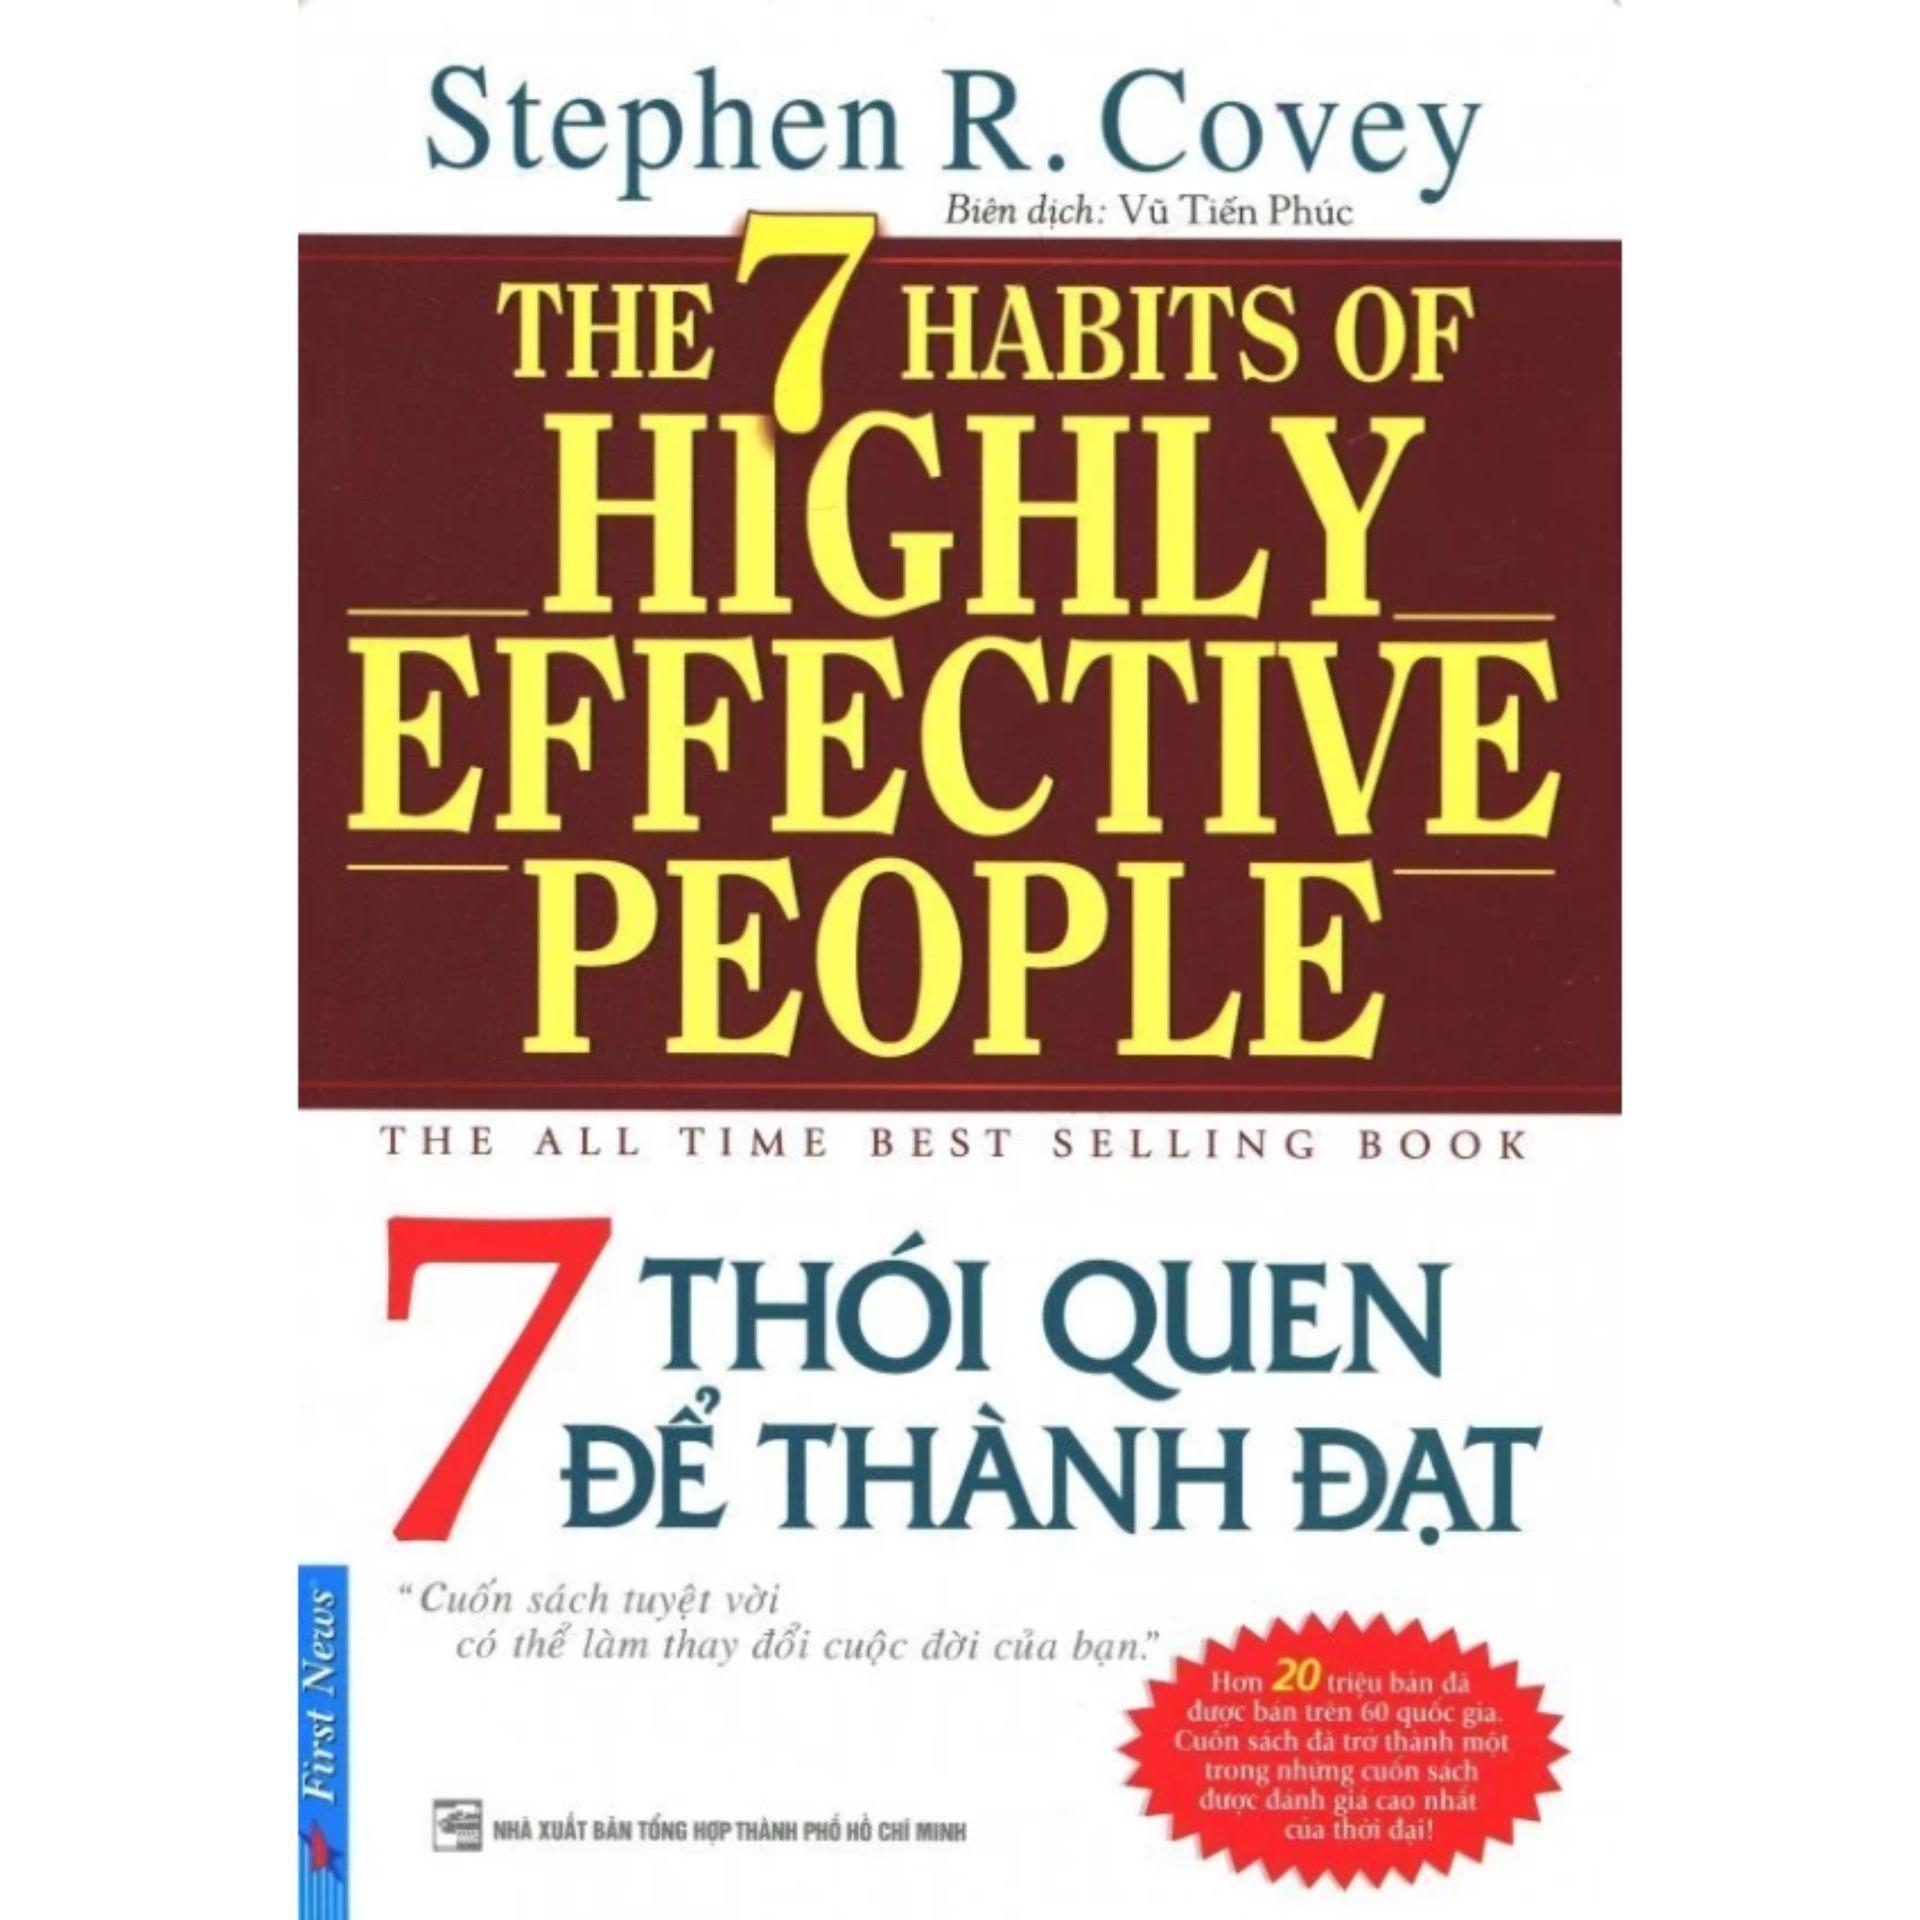 7 Thói Quen Để Thành Đạt (Tái Bản 2016) - Vũ Tiến Phúc,Stephen R. Covey